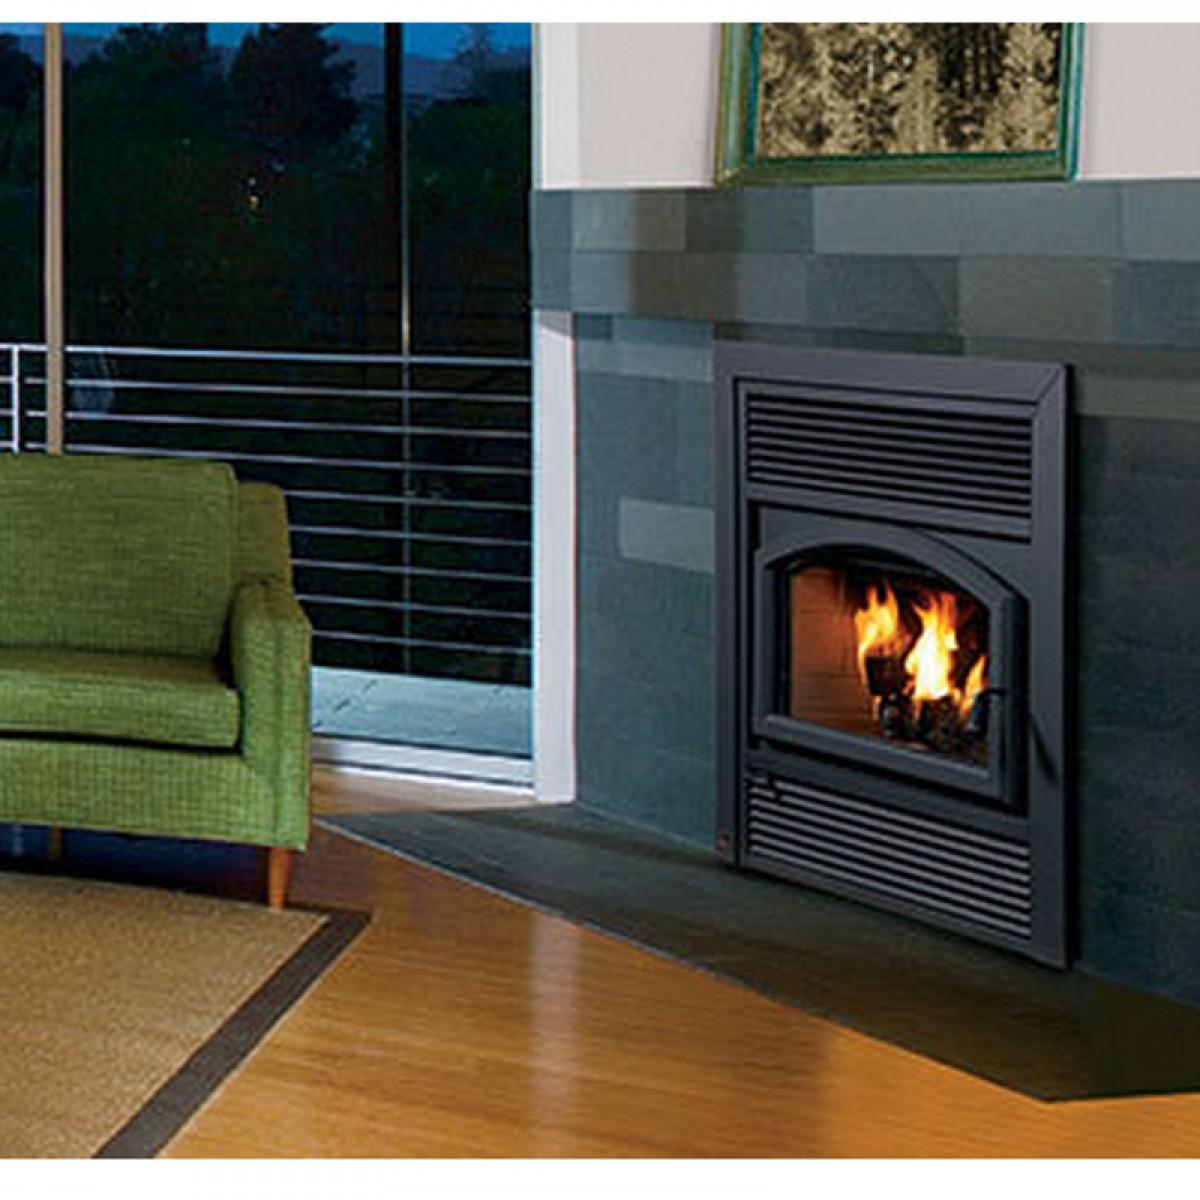 Ihp Superior Wct4820 Epa Phase Ii Wood Burning Fireplace